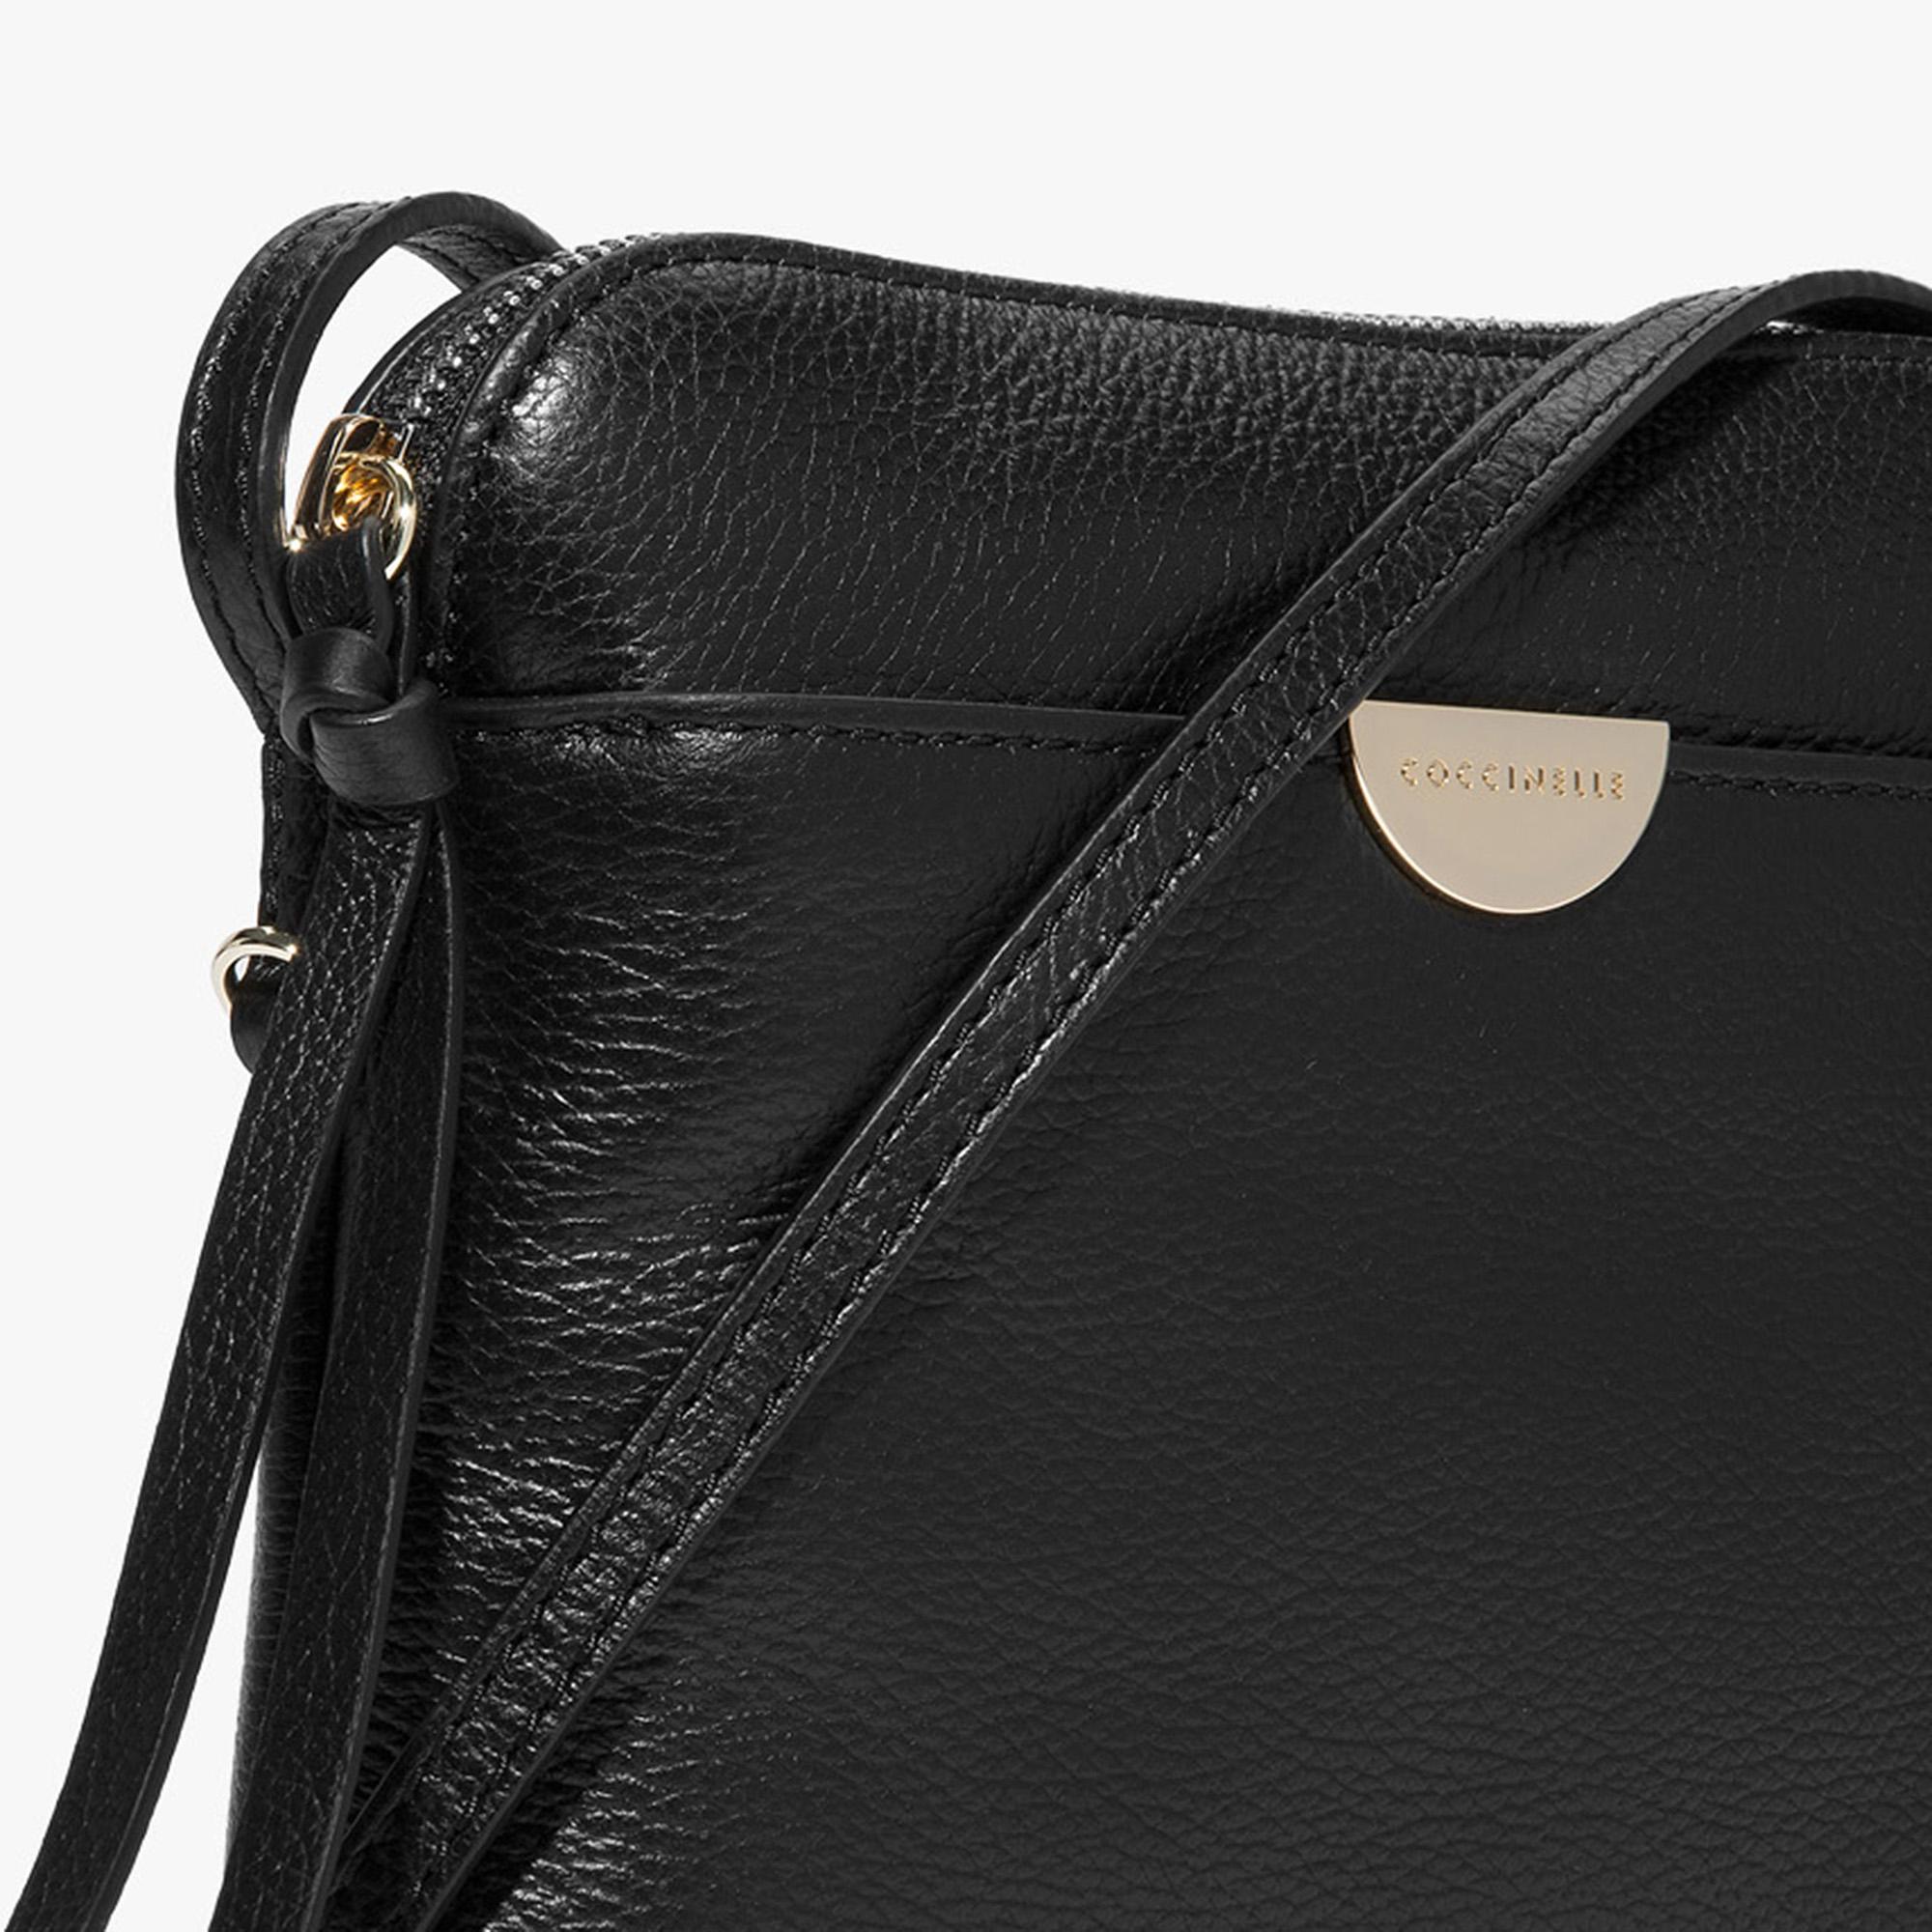 Leather mini clutch